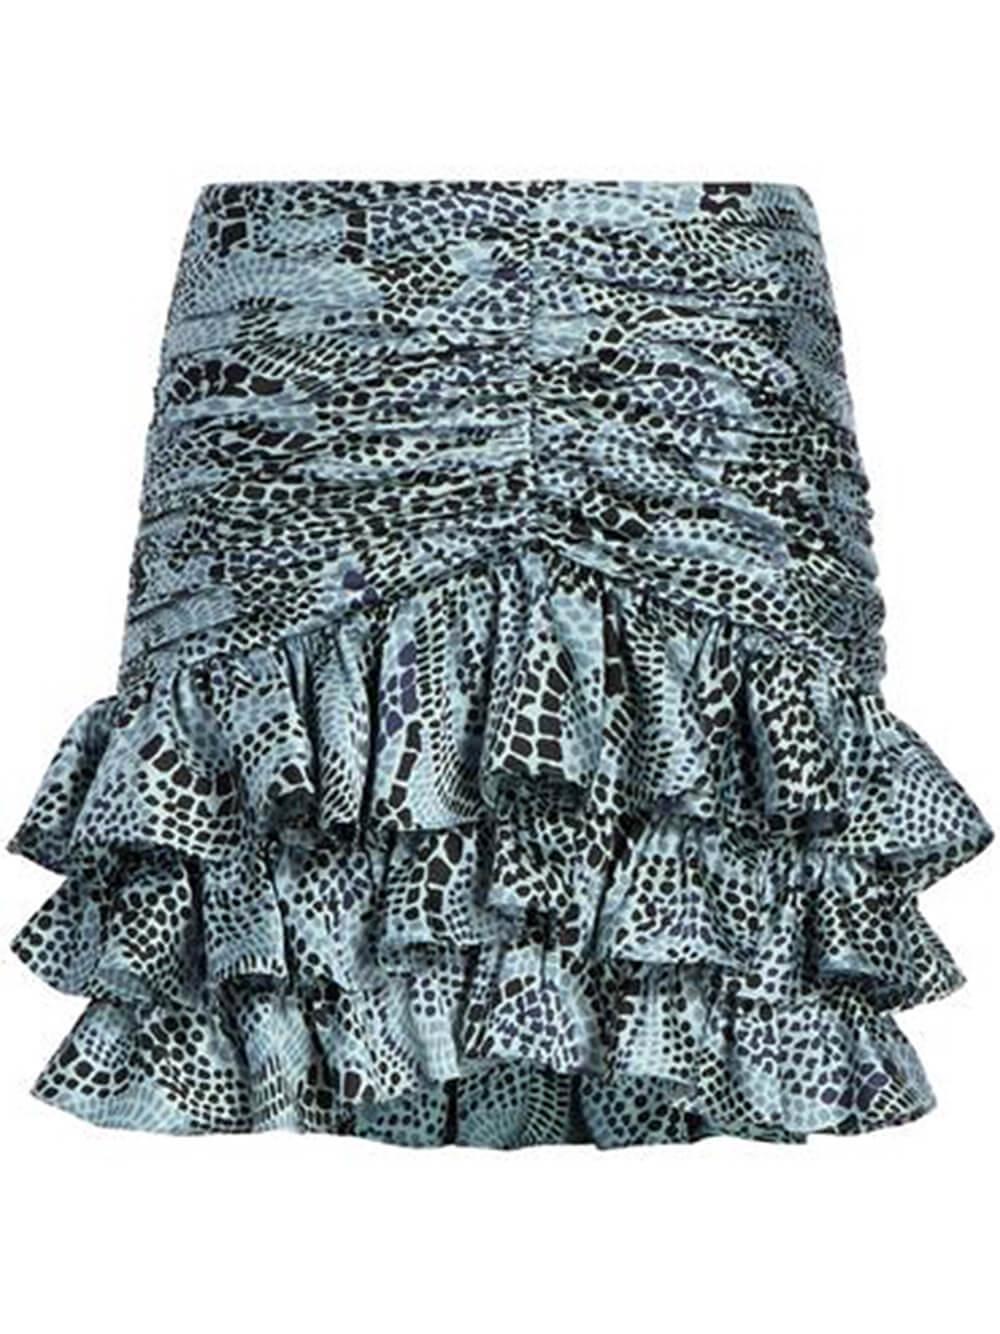 Alisha Skirt